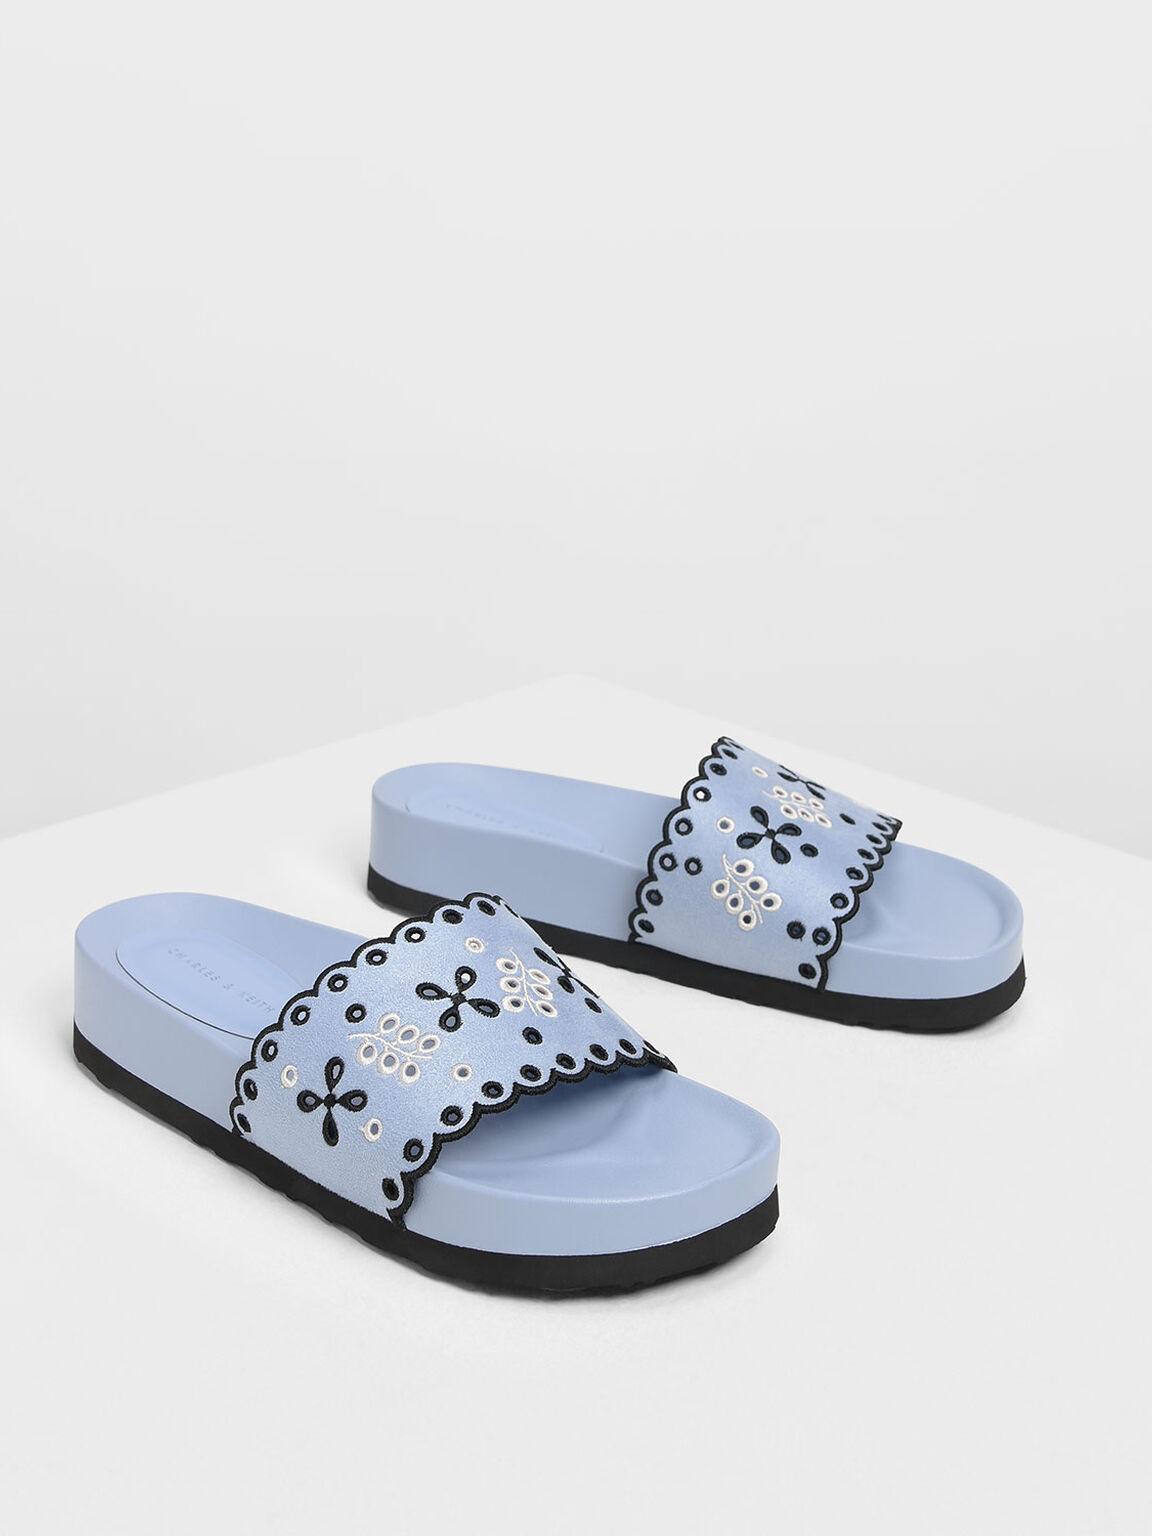 Scalloped Floral Suede Slide Sandals, Light Blue, hi-res